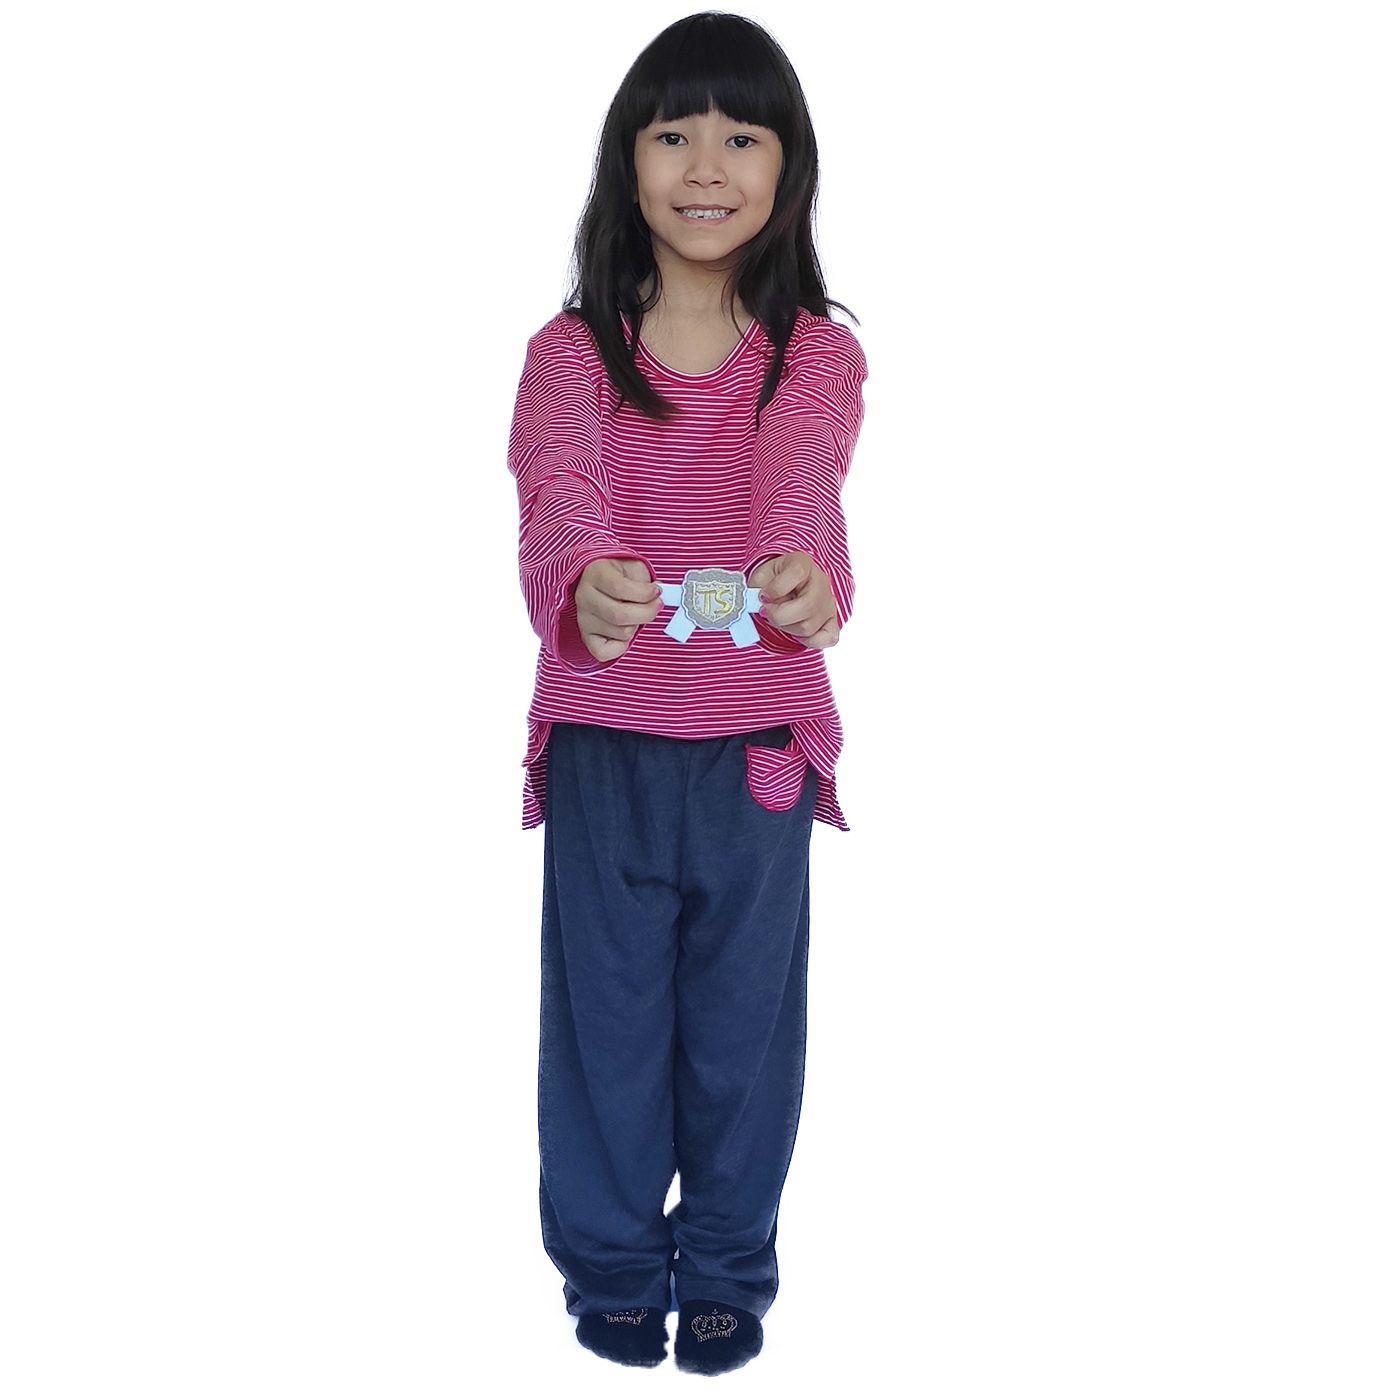 Pijama infantil manga longa calça unissex malha listrada